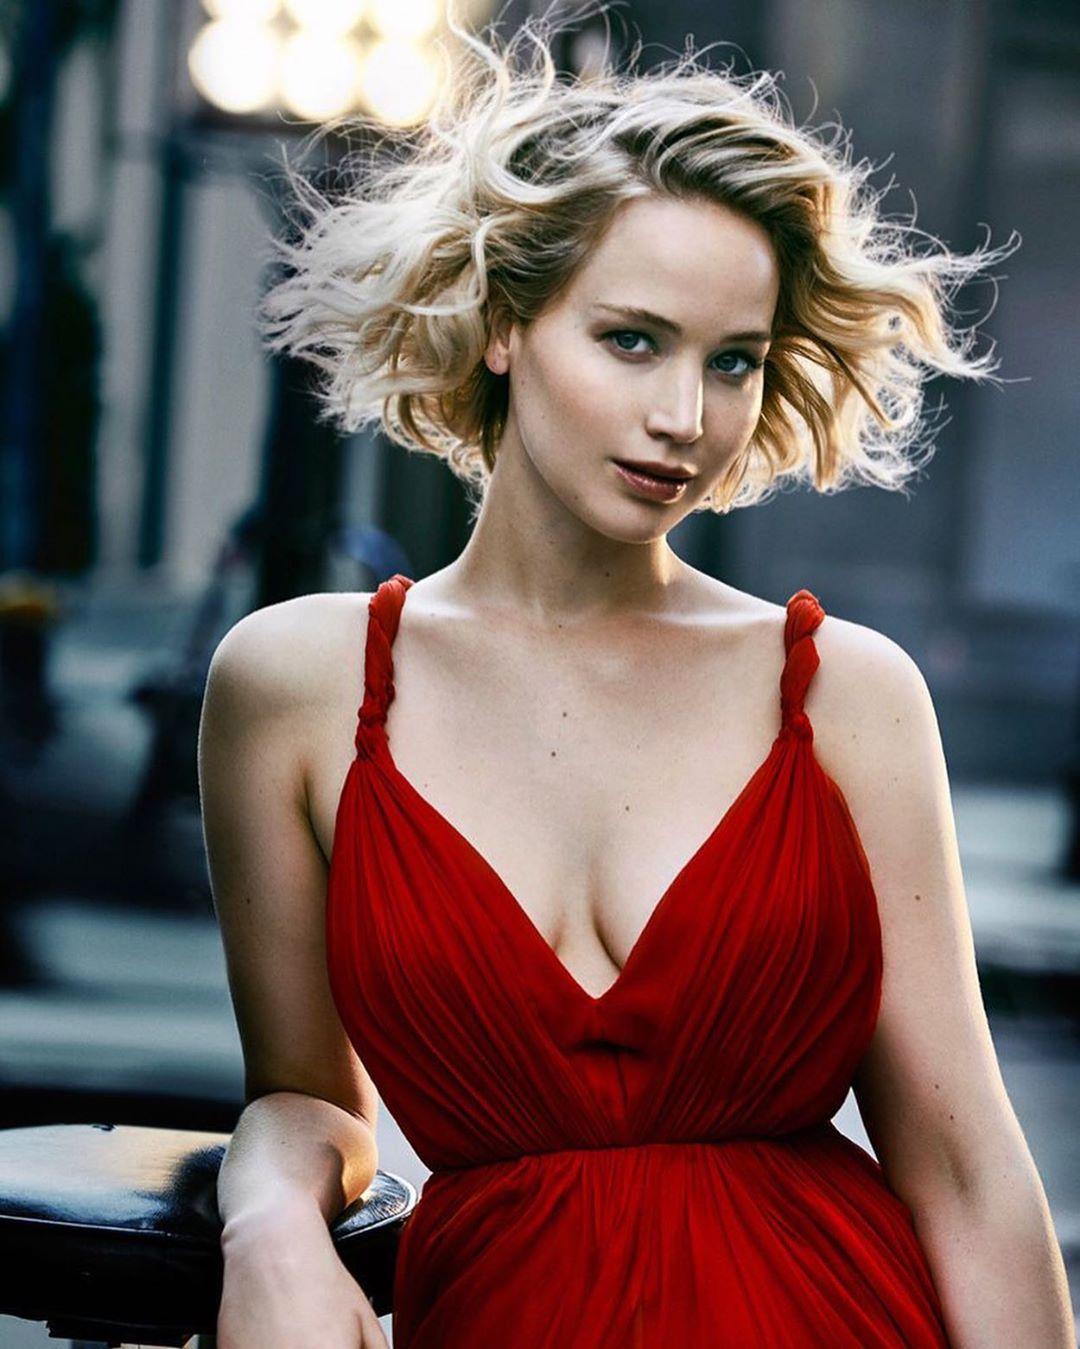 Jennifer Lawrence Oscar / Oscars Winners 2013 Jennifer Lawrence Is Just Hitting Her Stride Los